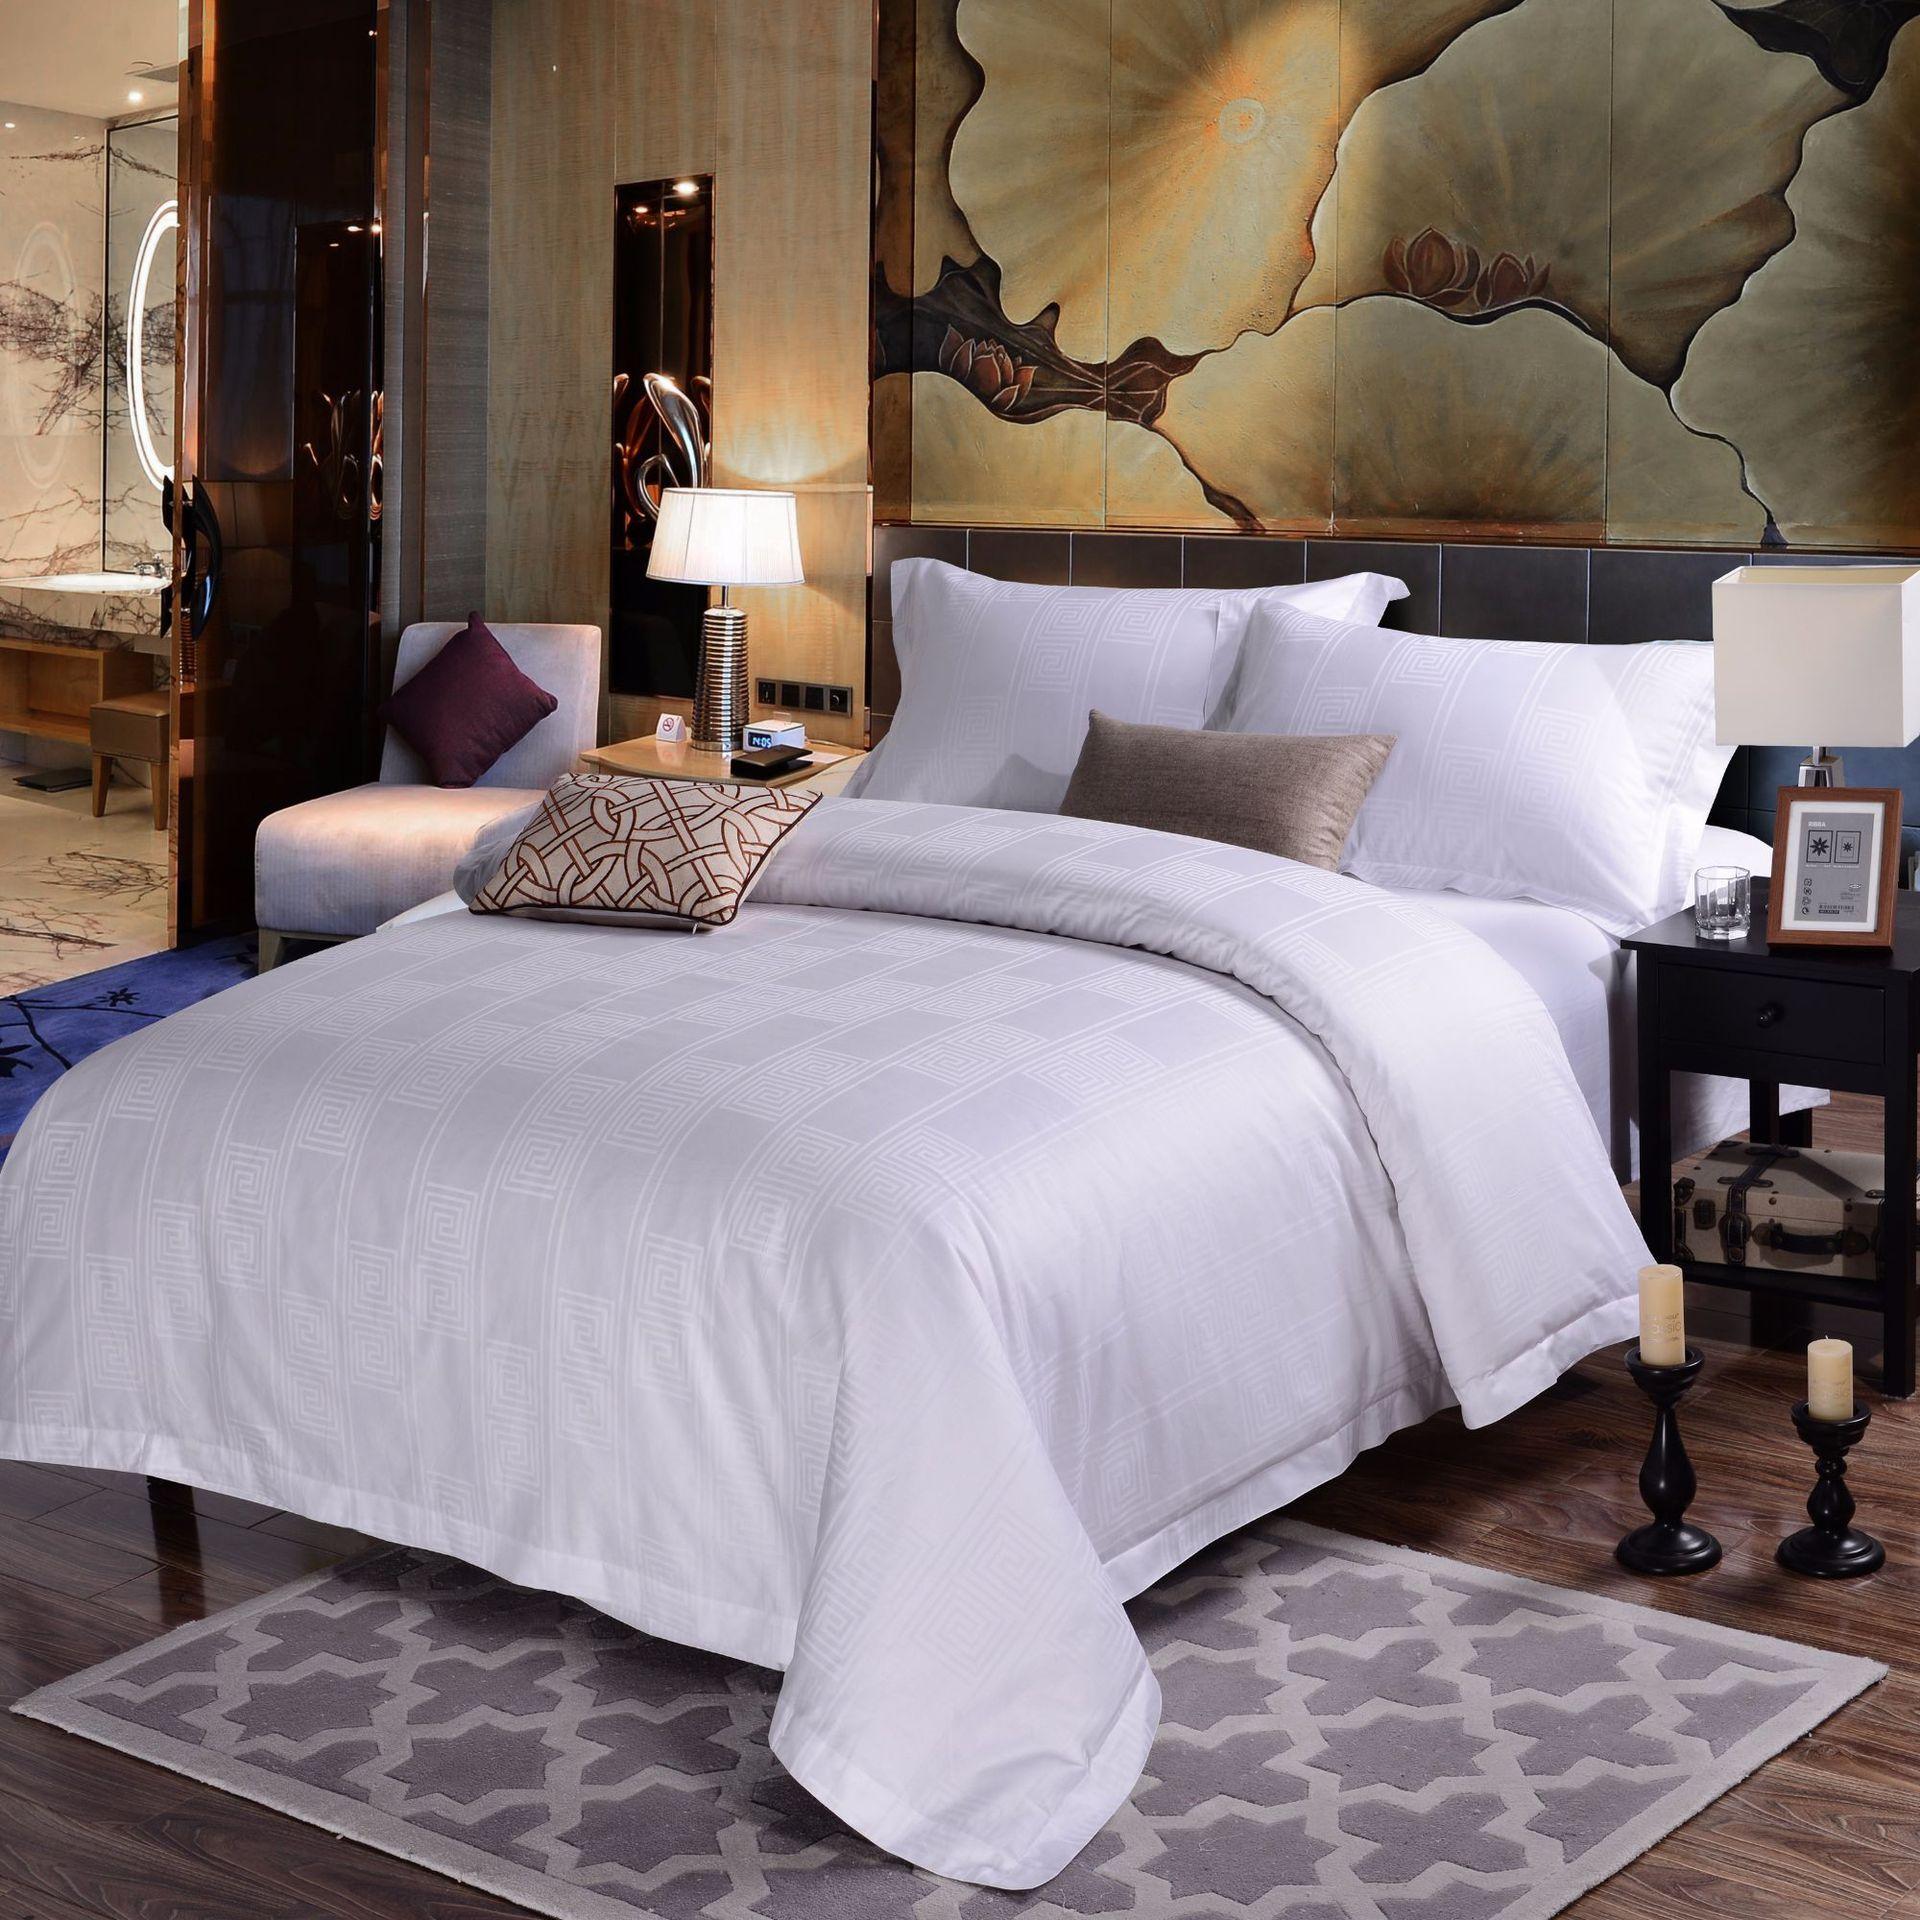 君芝友酒店用品賓館酒店床上用品四件套全棉純白色貢緞4件套床單被套床品JZY-0003